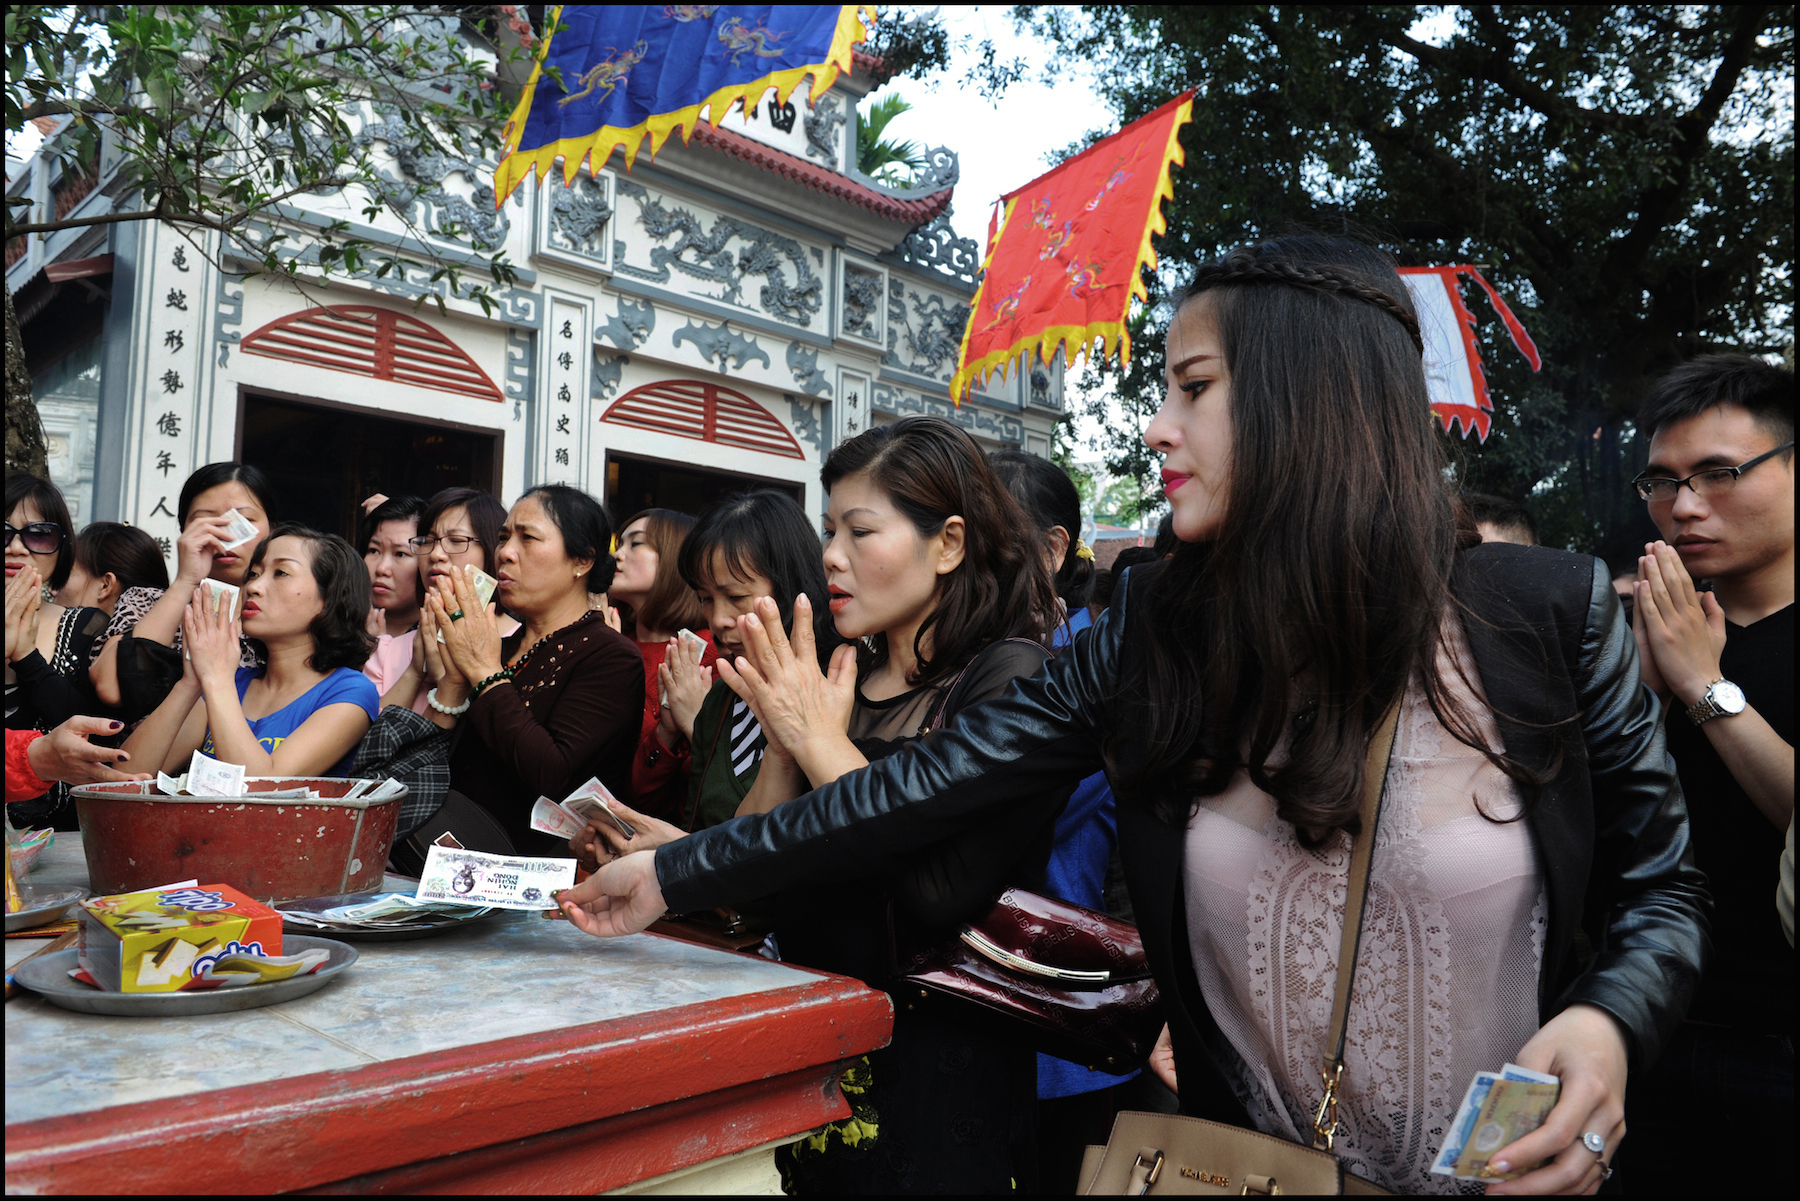 Tsaoist temple, offerings of fake money, Westlake, Hanoi, Feb 2015. #3397